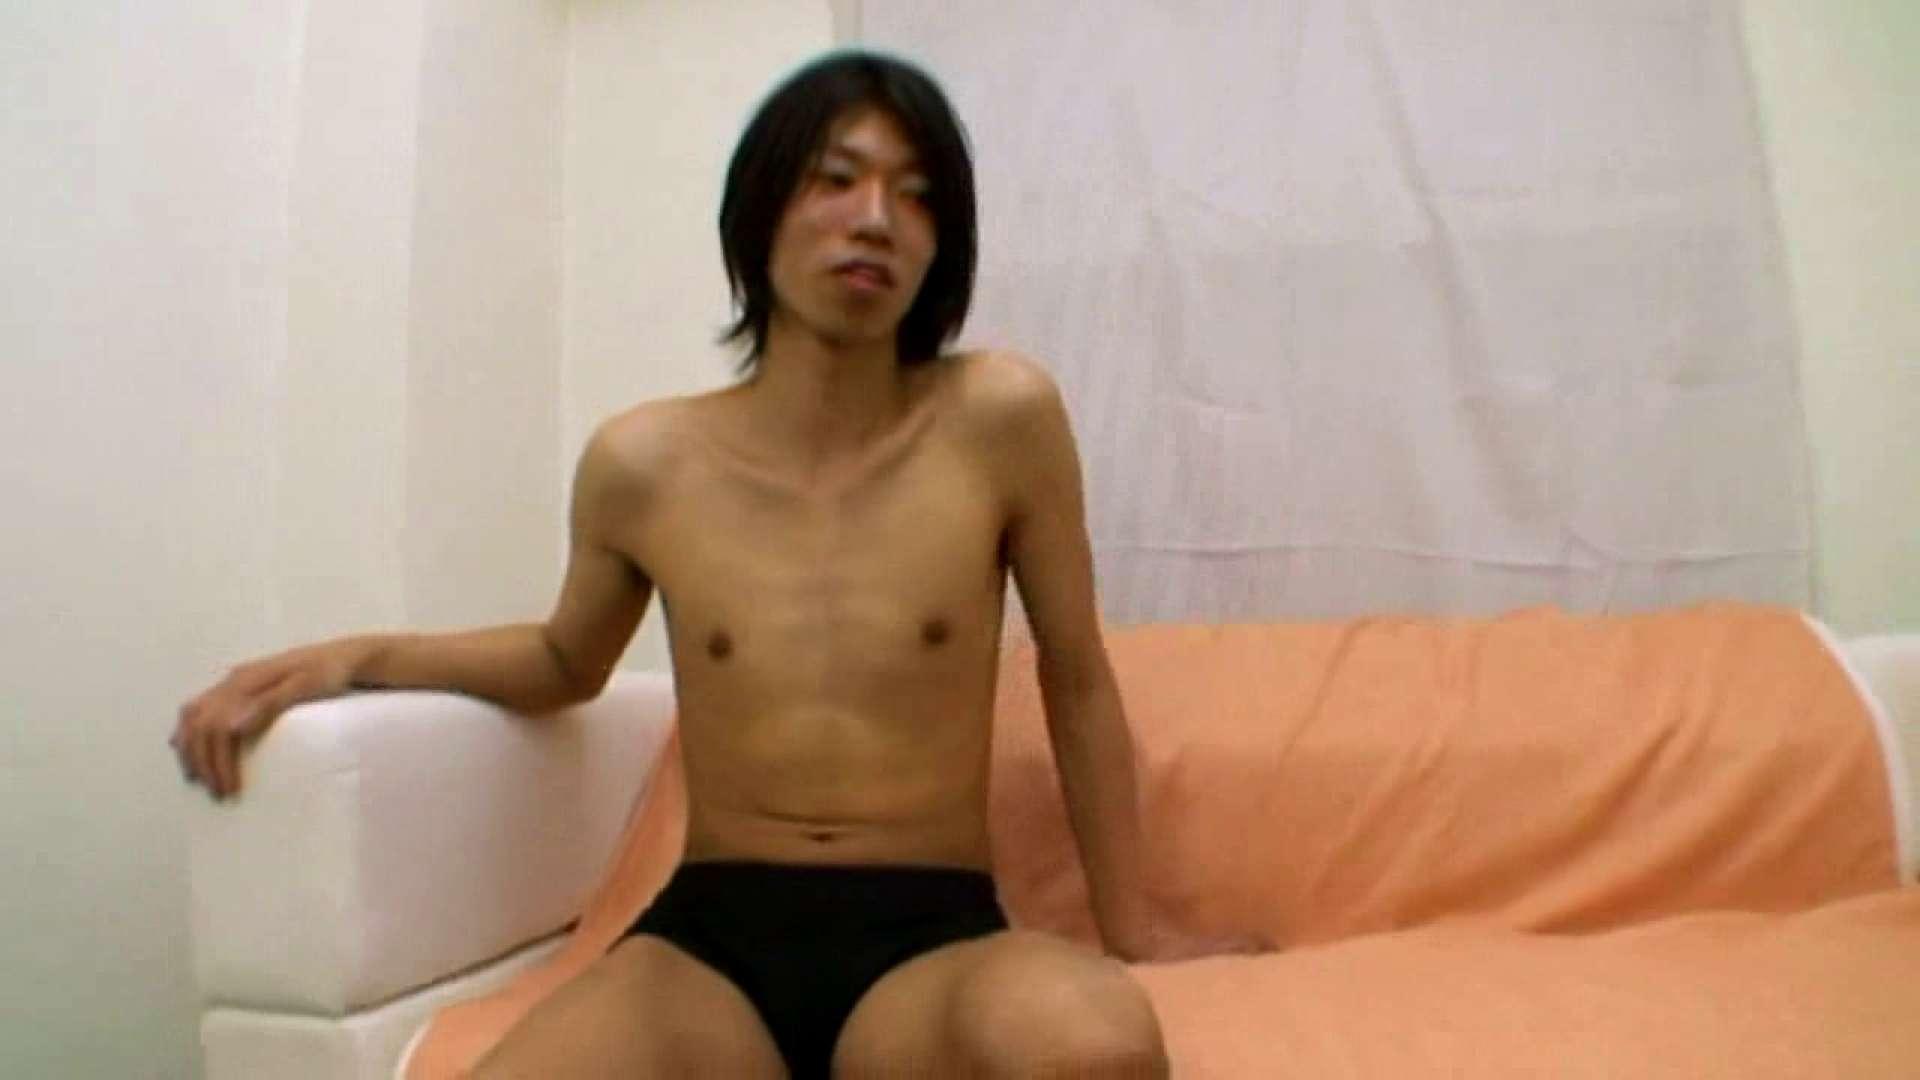 ノンケ!自慰スタジオ No.36 ノンケ  68pic 39